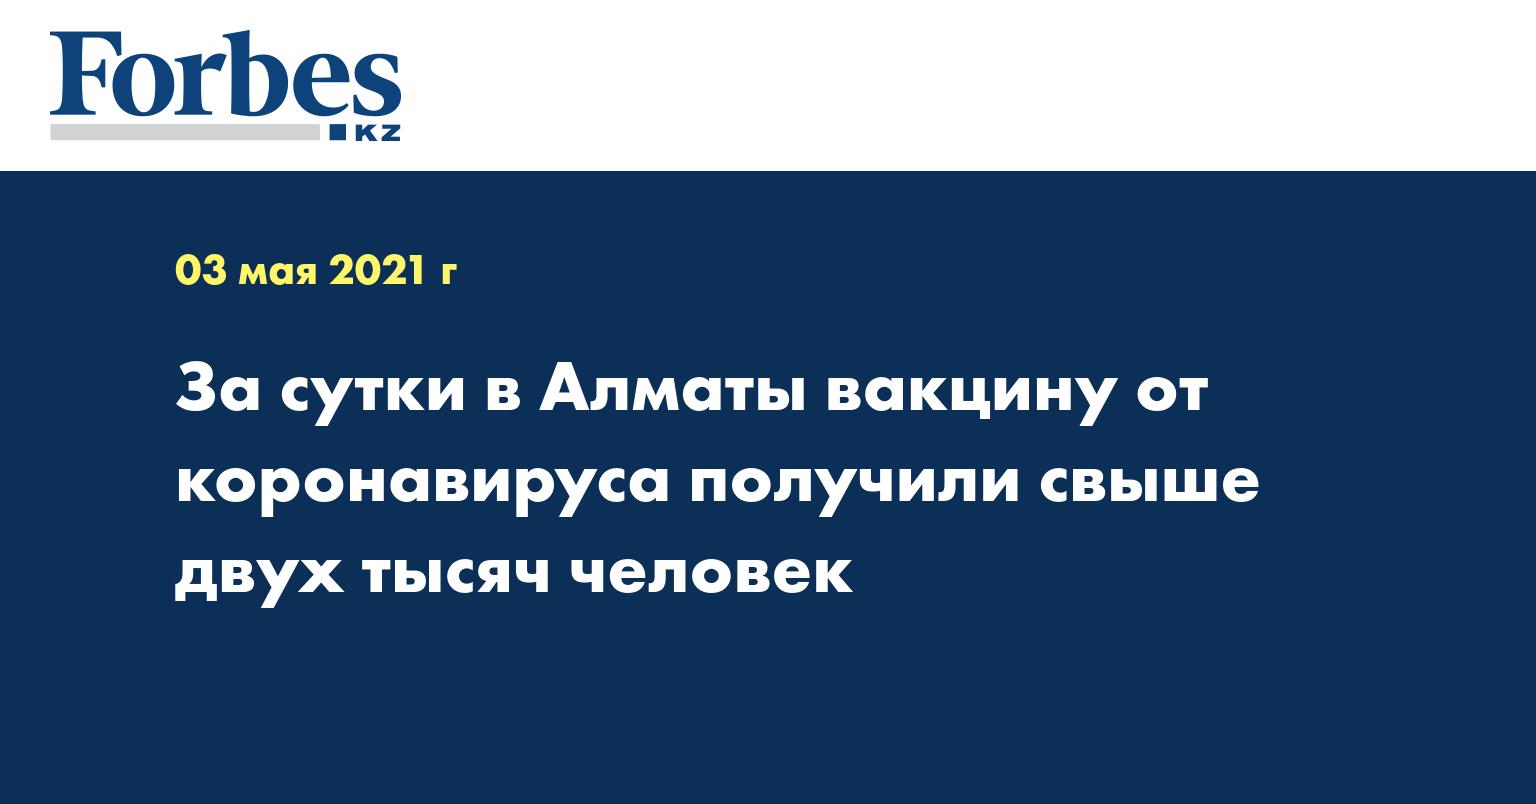 За сутки в Алматы вакцину от коронавируса получили свыше двух тысяч человек